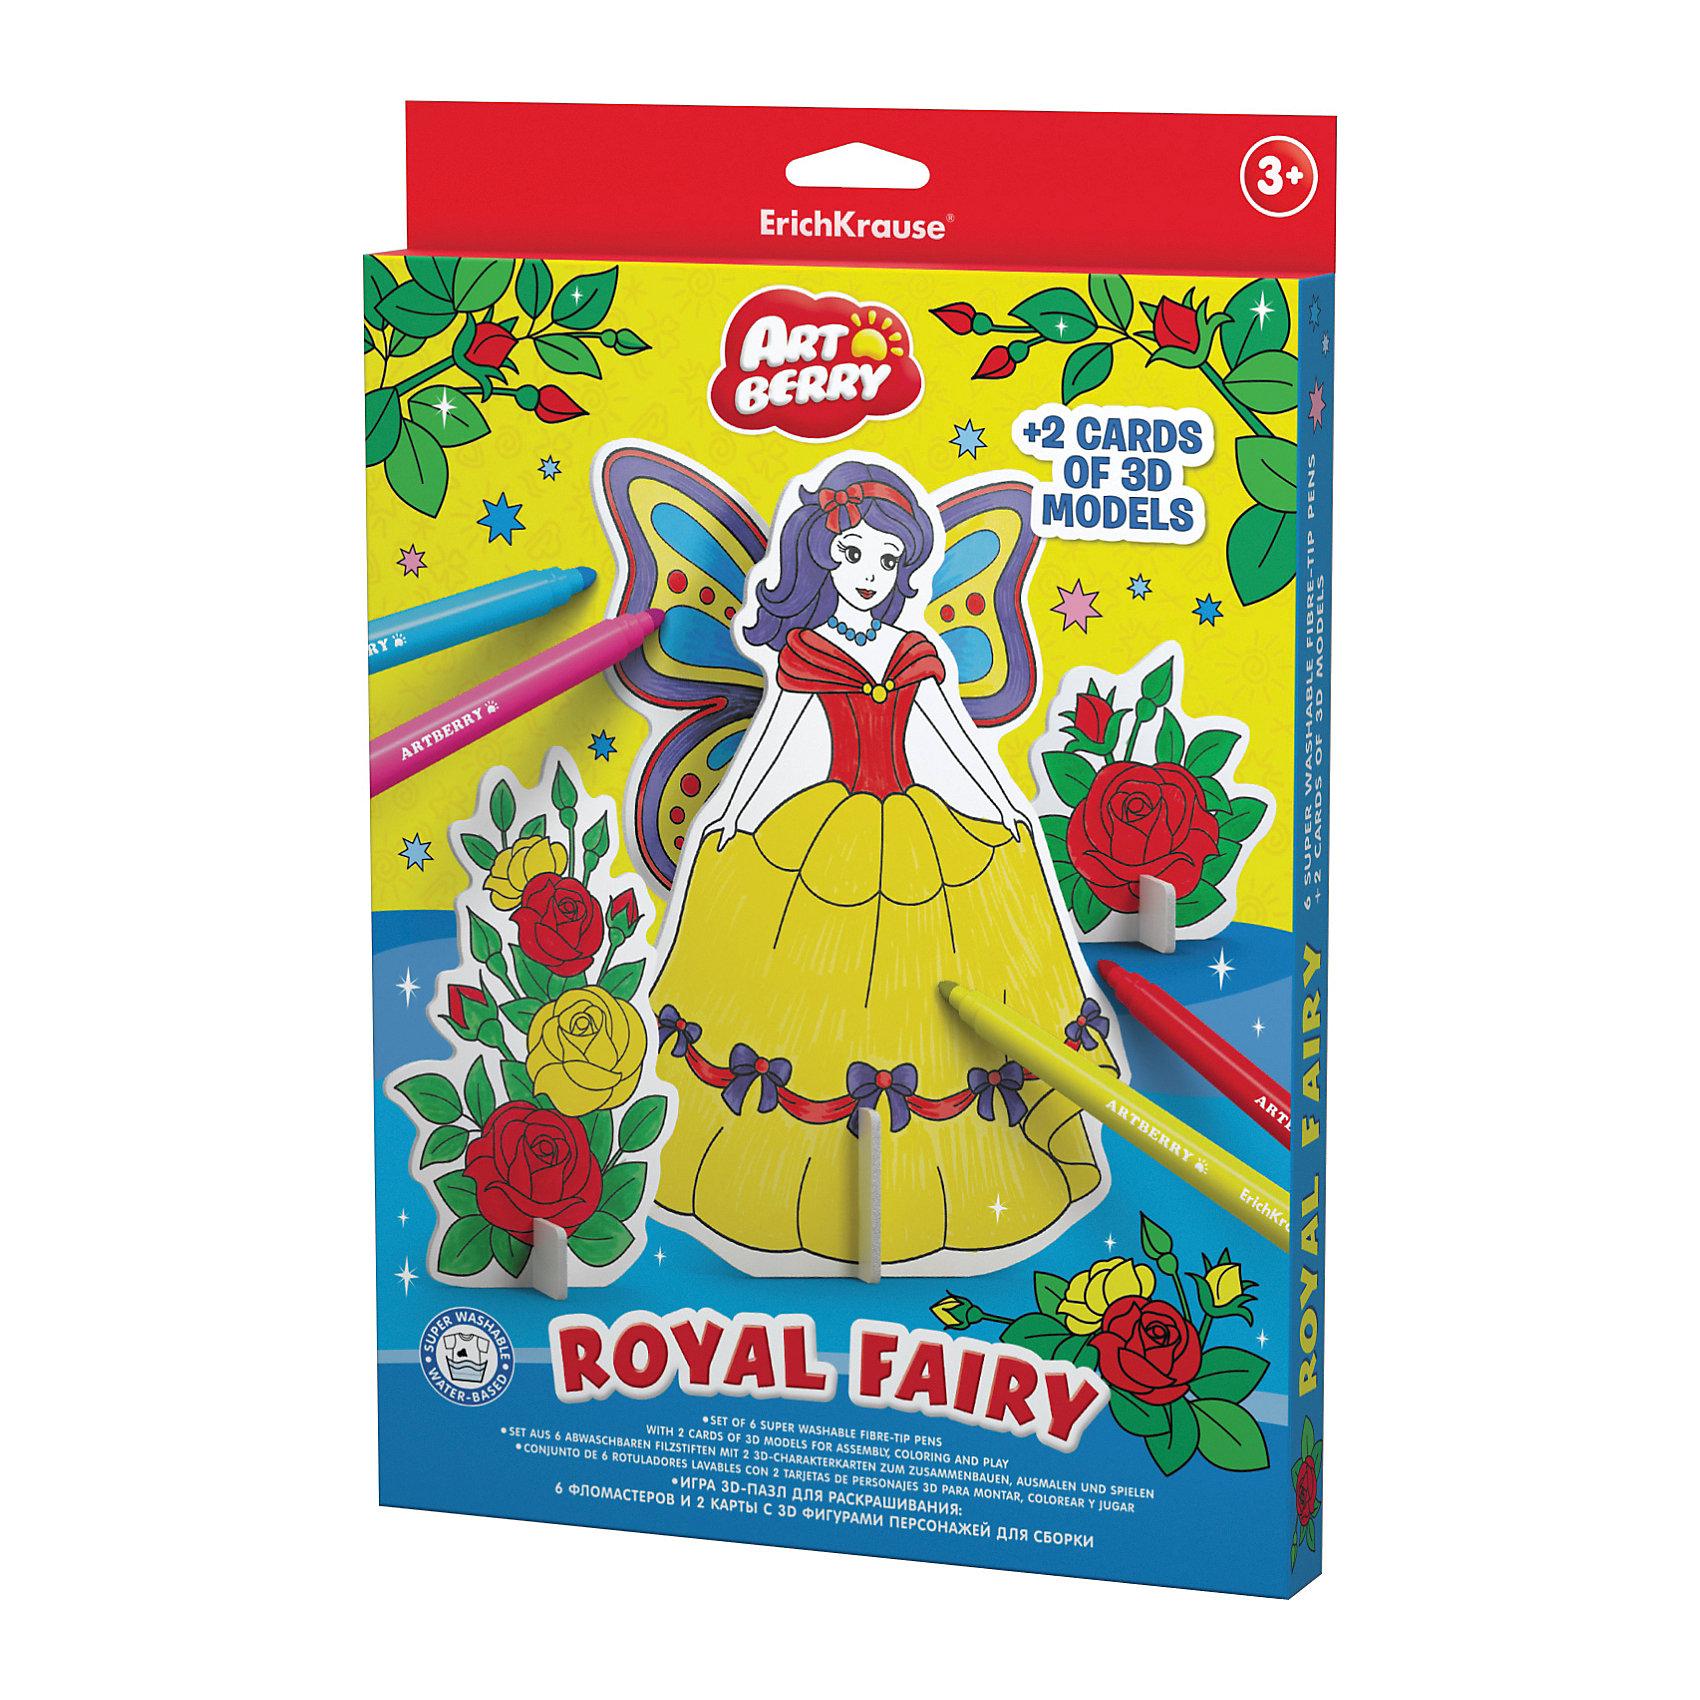 Erich Krause Игровой 3D пазл для раскрашивания Artberry Royal Fairy (6 фломастеров+2 карты с фигурами для сборки)Рисование<br><br><br>Ширина мм: 310<br>Глубина мм: 210<br>Высота мм: 20<br>Вес г: 242<br>Возраст от месяцев: 36<br>Возраст до месяцев: 72<br>Пол: Унисекс<br>Возраст: Детский<br>SKU: 6878872